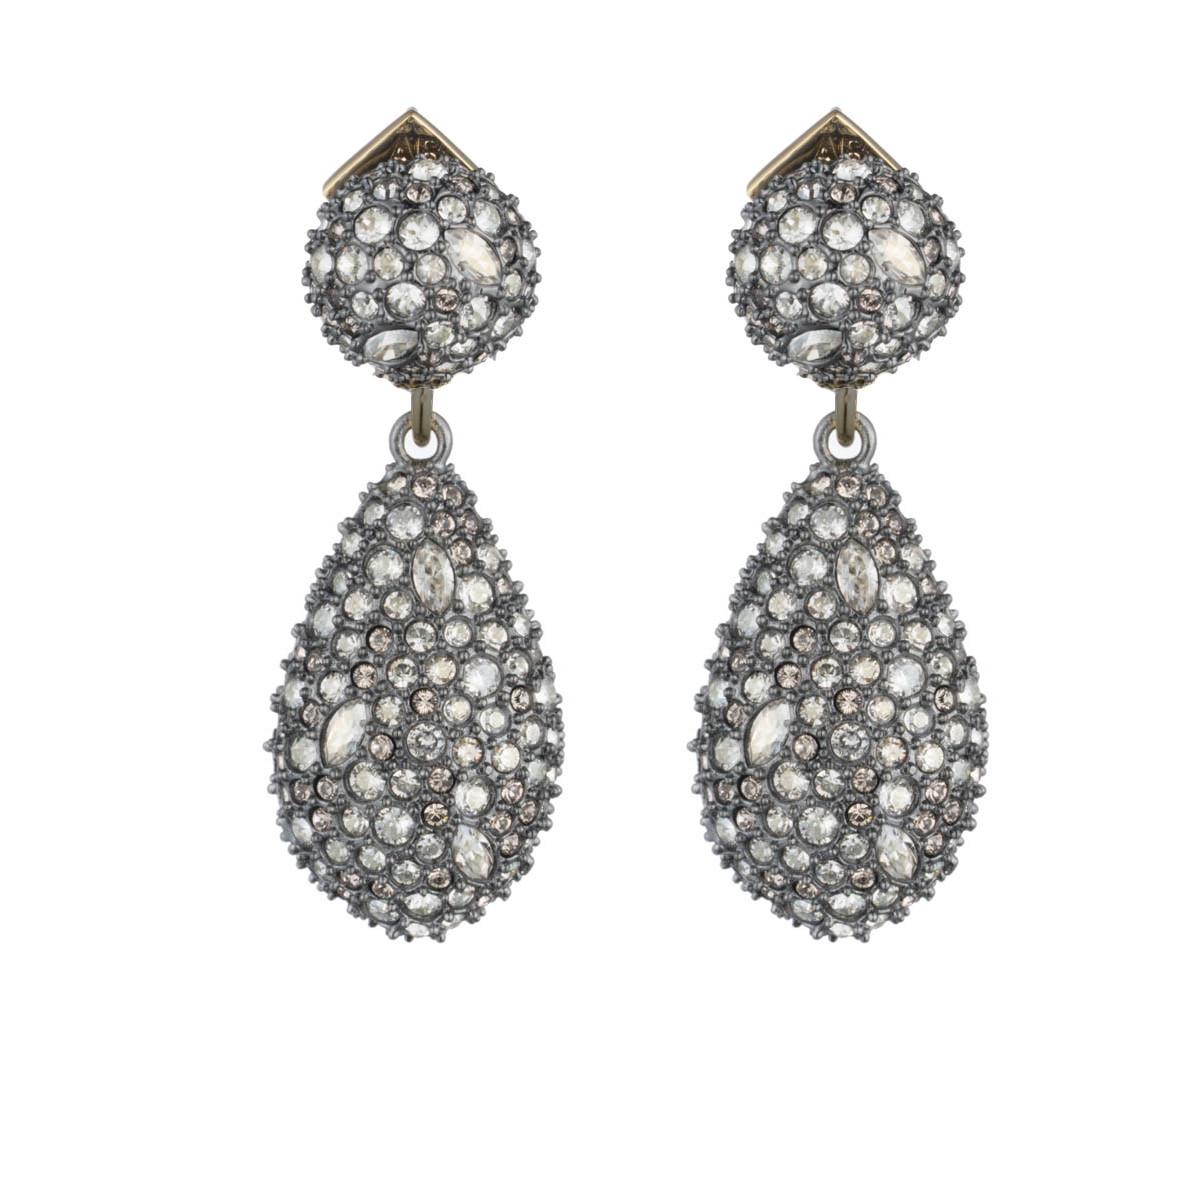 Crystal Encrusted Dangling Earring